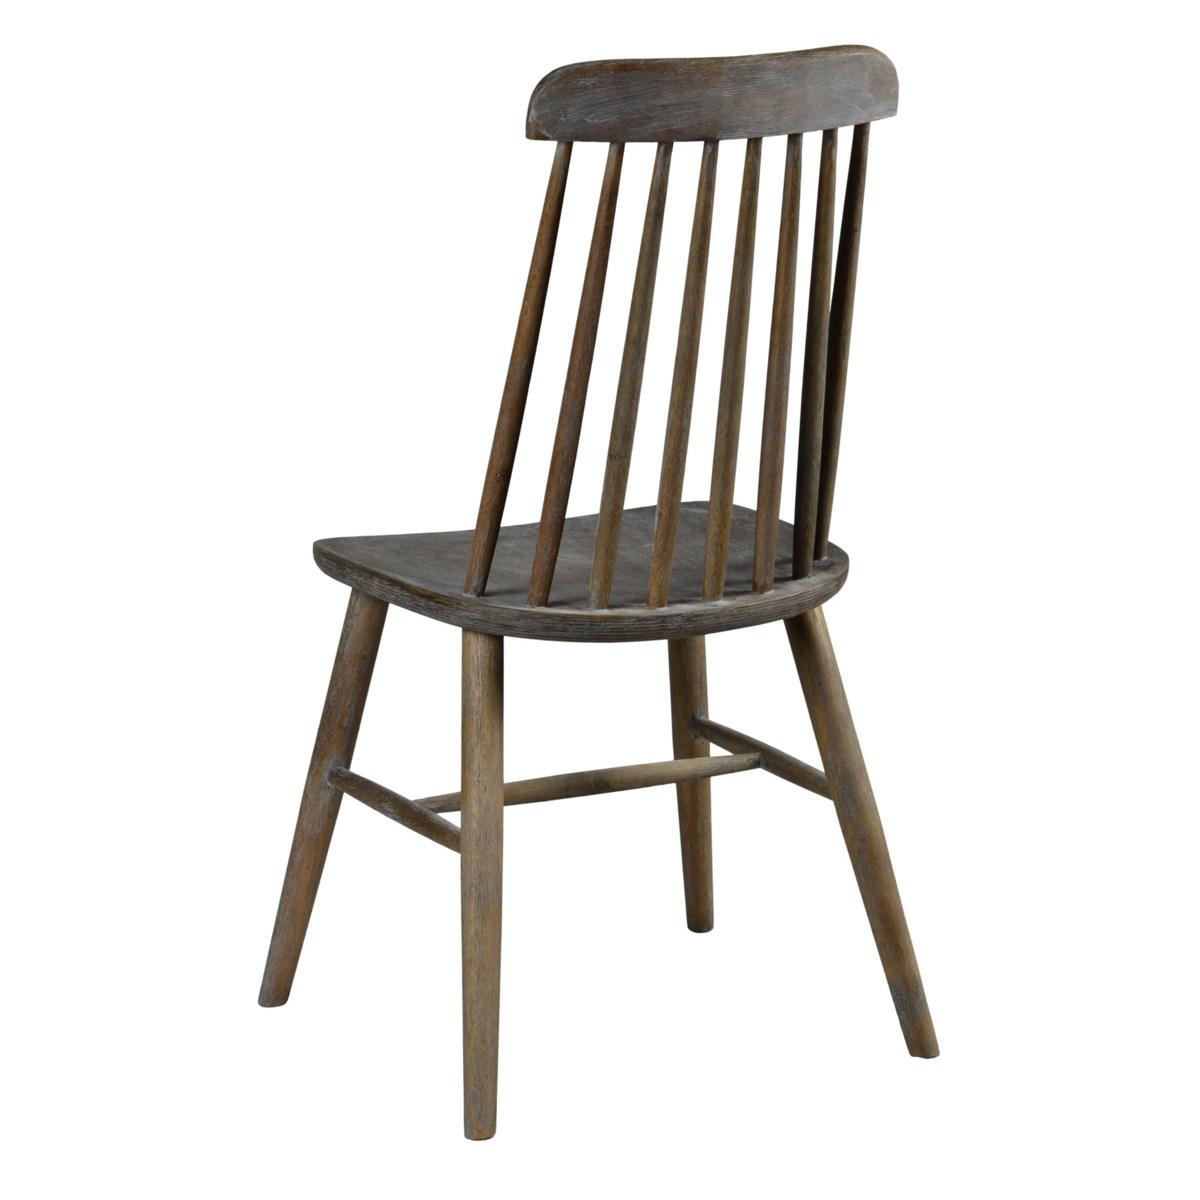 -Lloyd Chair (Brown Wash)